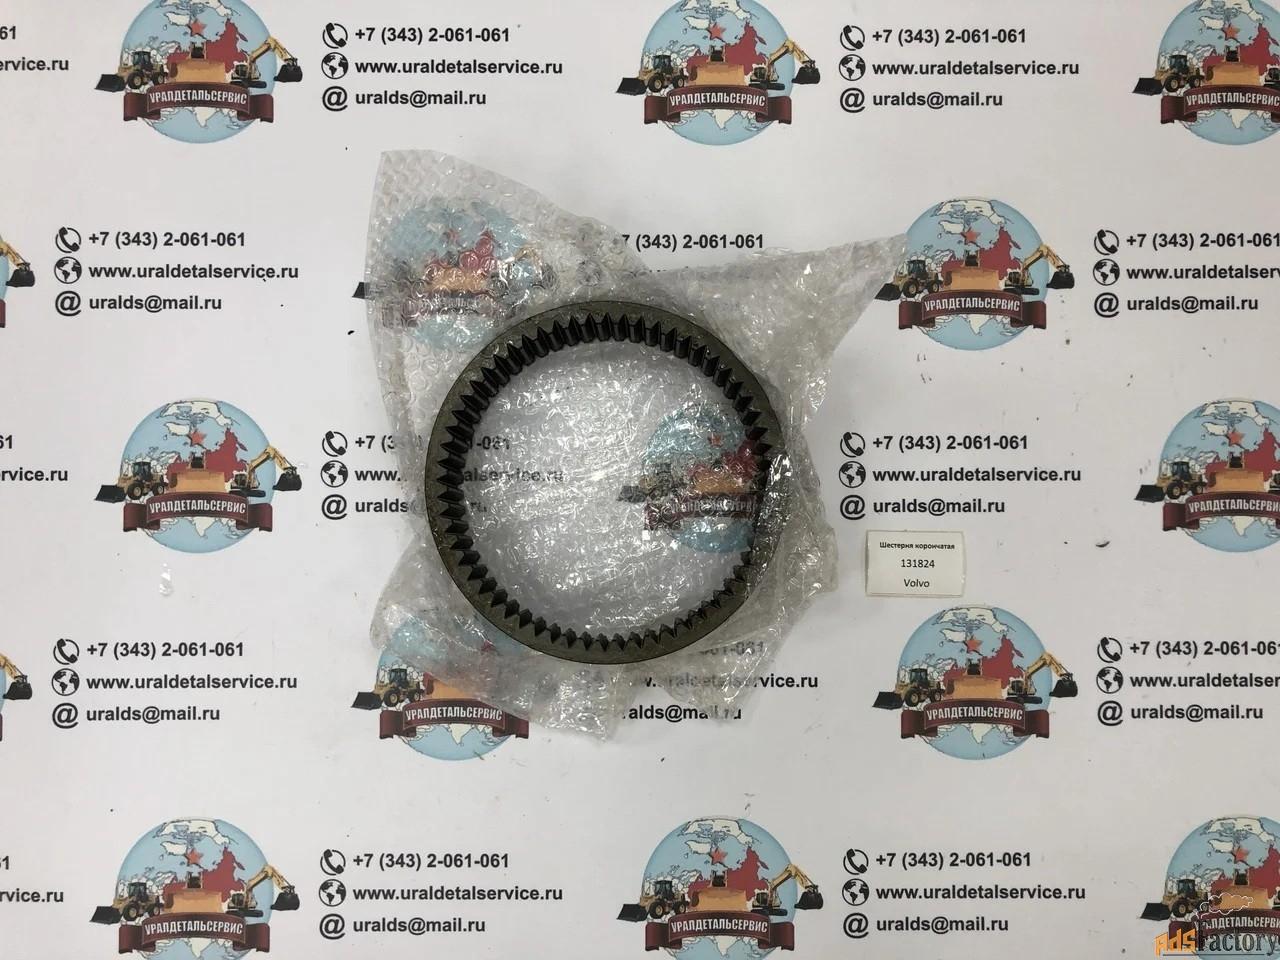 Шестерня корончатая 131824 CARRARO